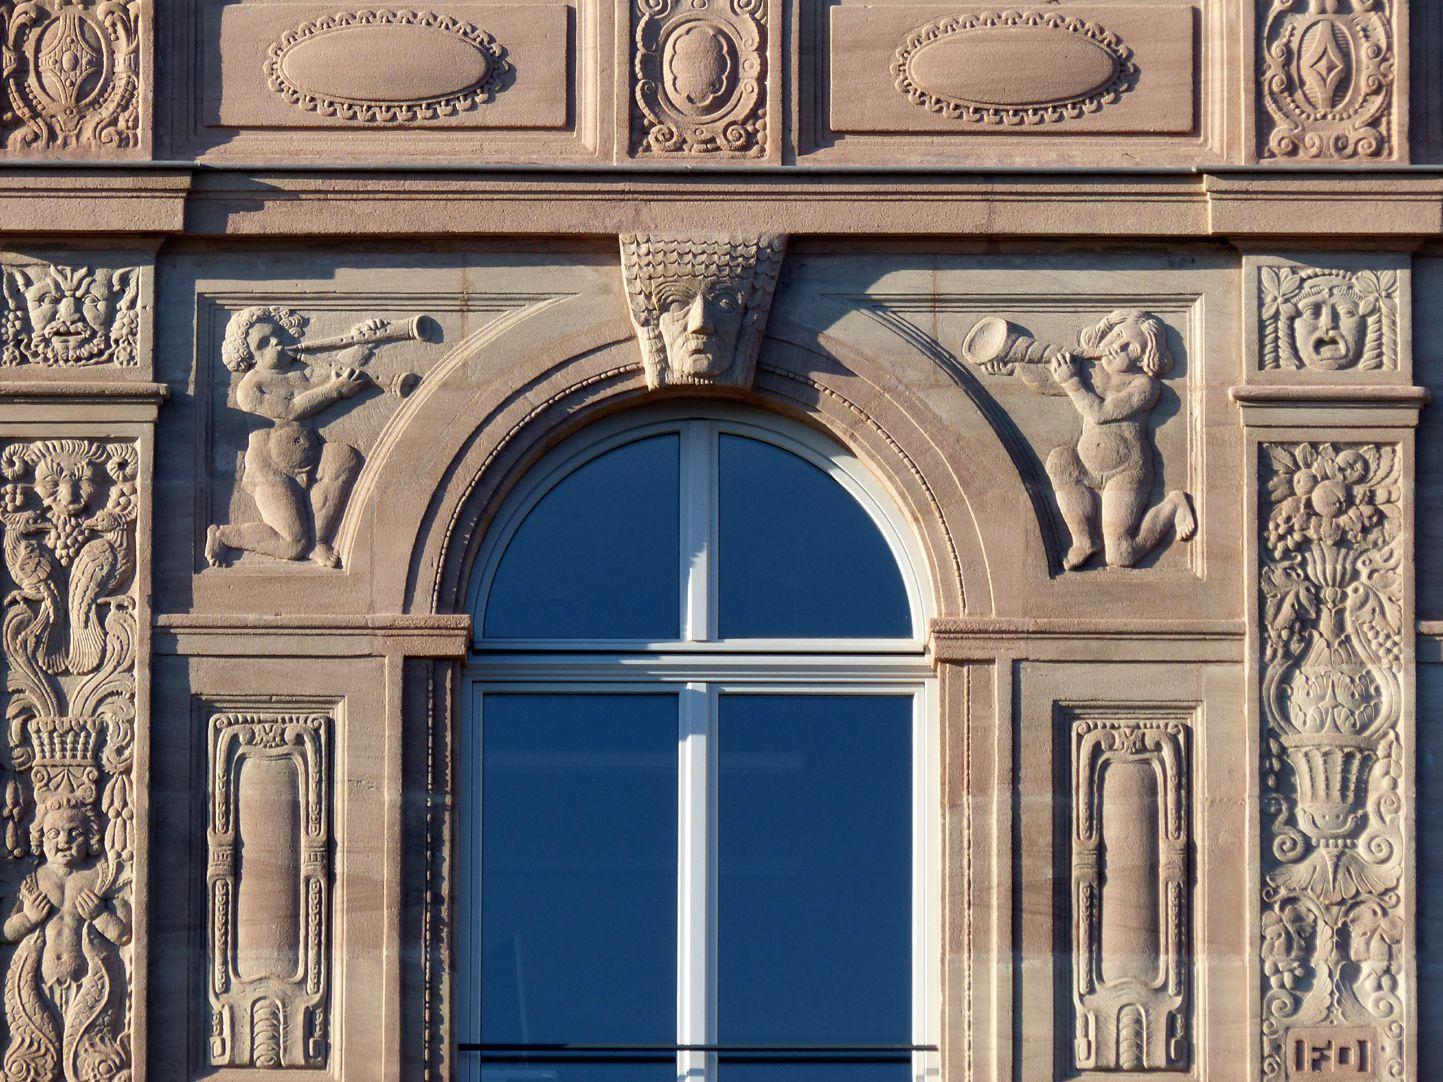 Hotel Deutscher Hof Flacherker, Detail vom Arkadengeschoss